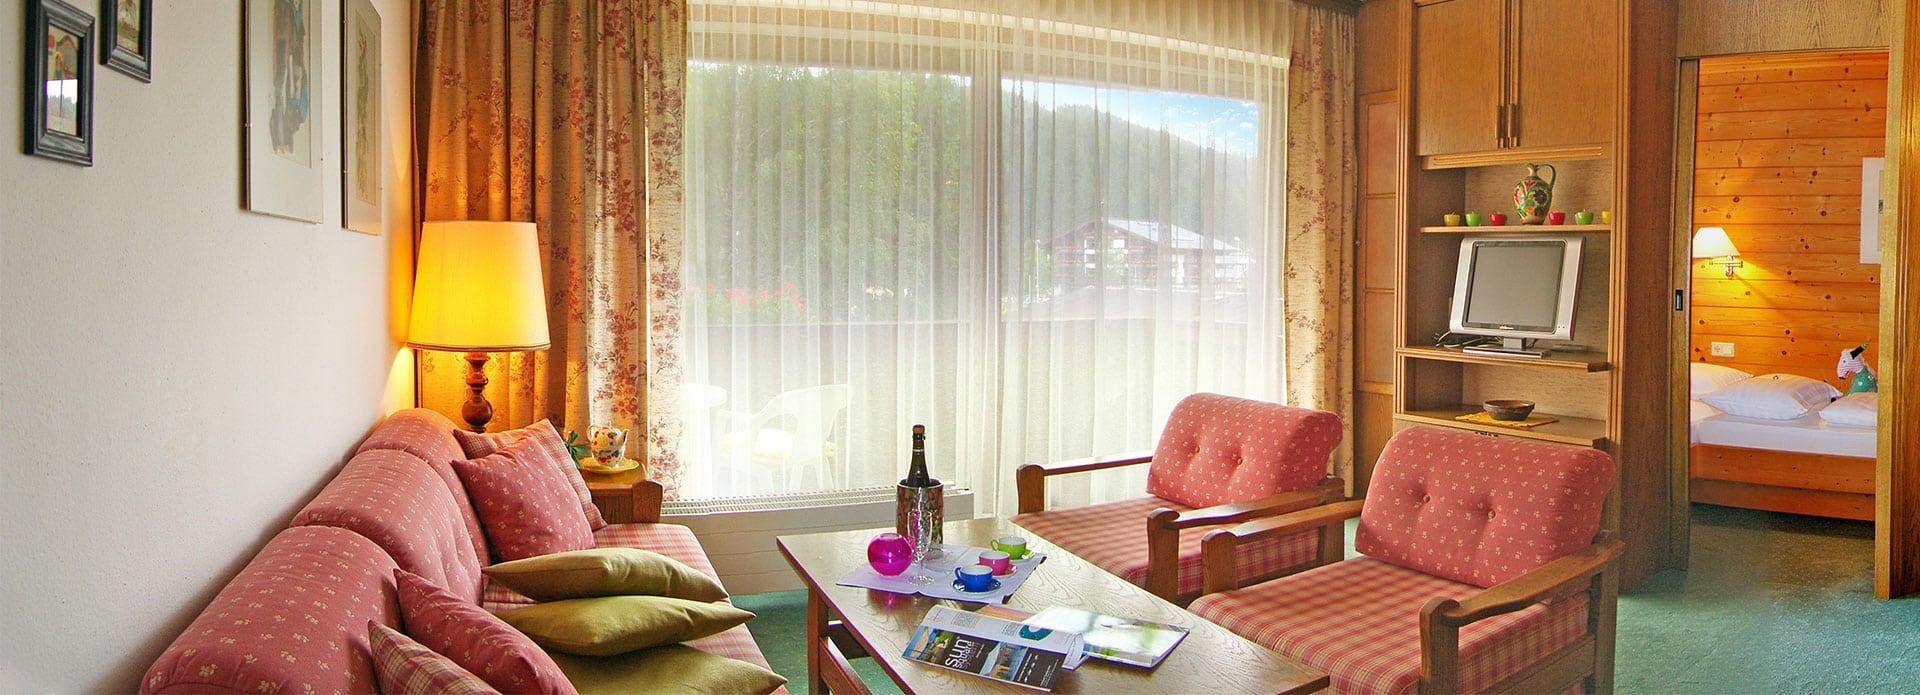 Ferienwohnung Marie - Ferienwohnung in Altenmarkt für Ihren Urlaub im Salzburger Land